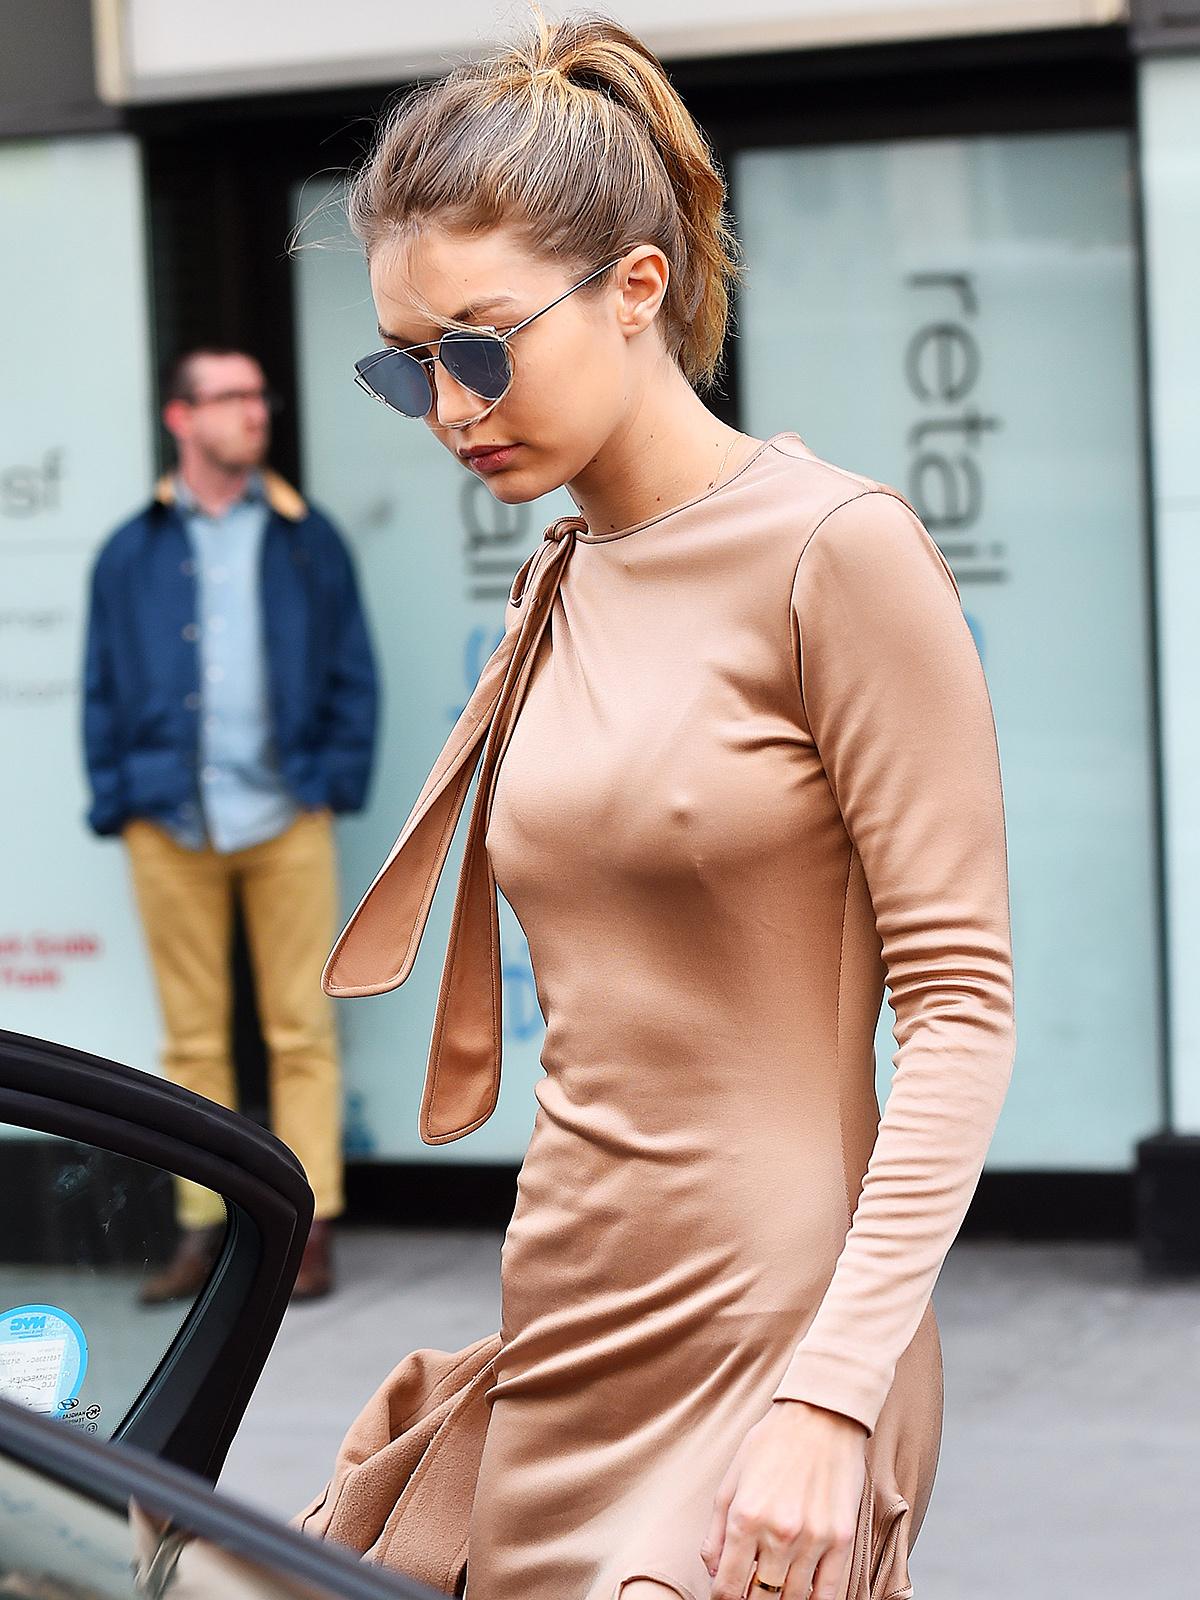 Ставрополь скрытая съемки девушек не носящих нижнего белья под одеждой девушкой